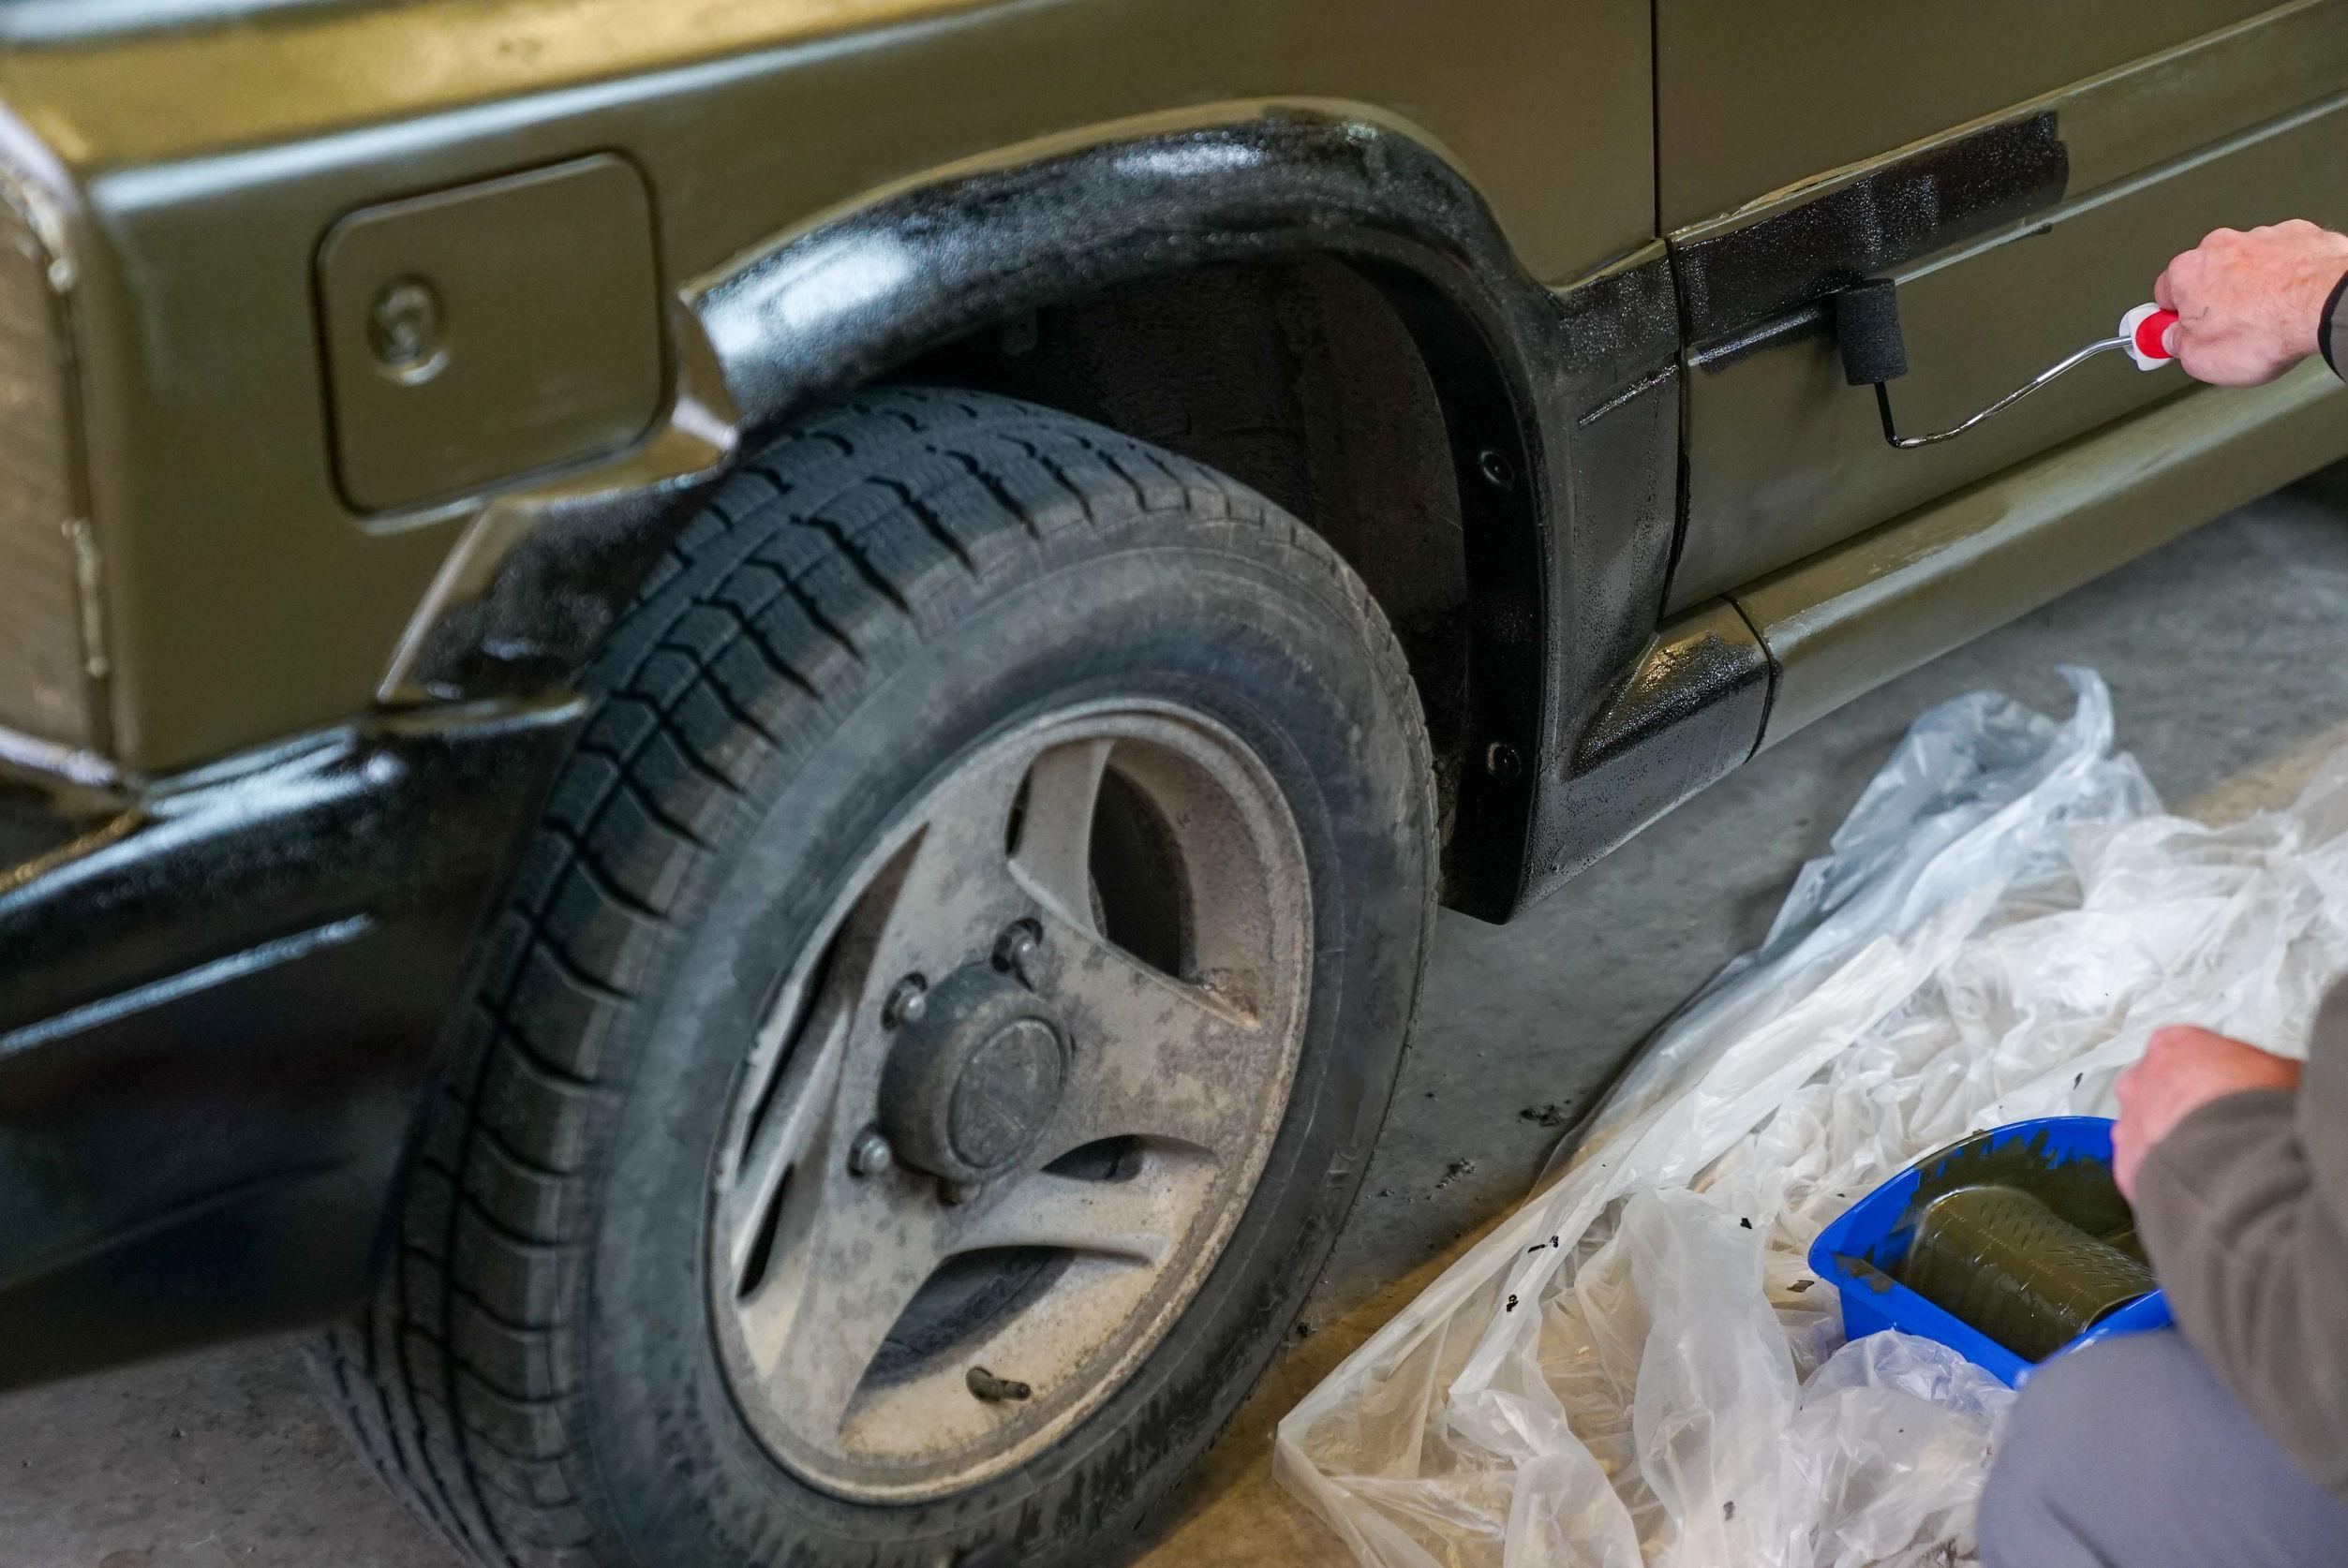 車のDIYには正しい知識と慎重な作業が求められる